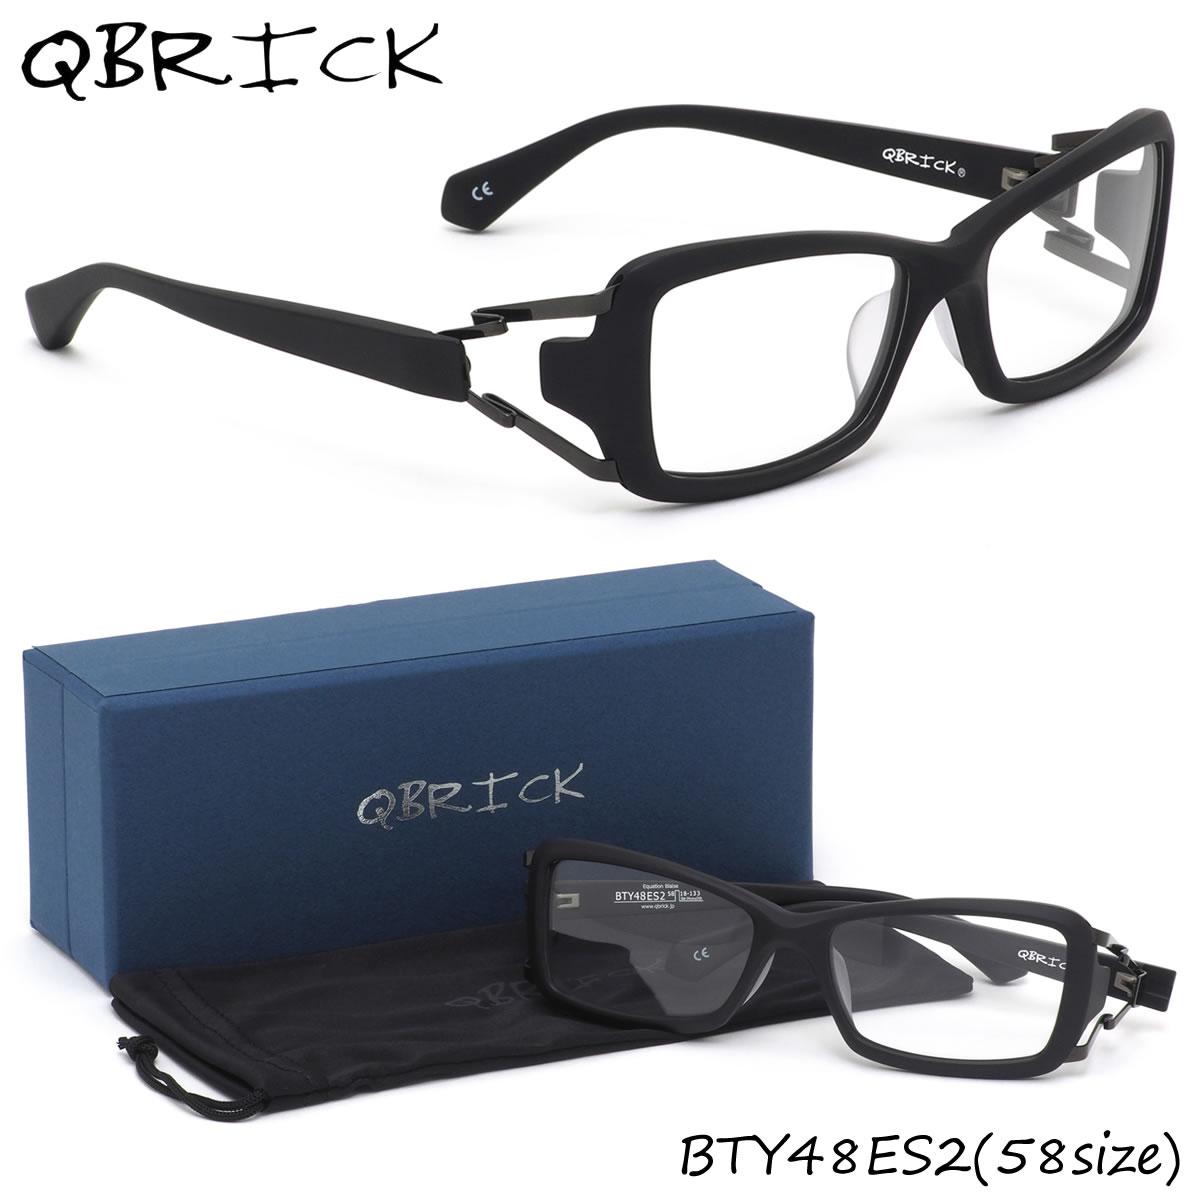 【10月30日からエントリーで全品ポイント20倍】キューブリック QBRICK メガネBTY48ES 2 58サイズBLAISE ブレーズ スクエア S字蝶番キューブリック QBRICK メンズ レディース